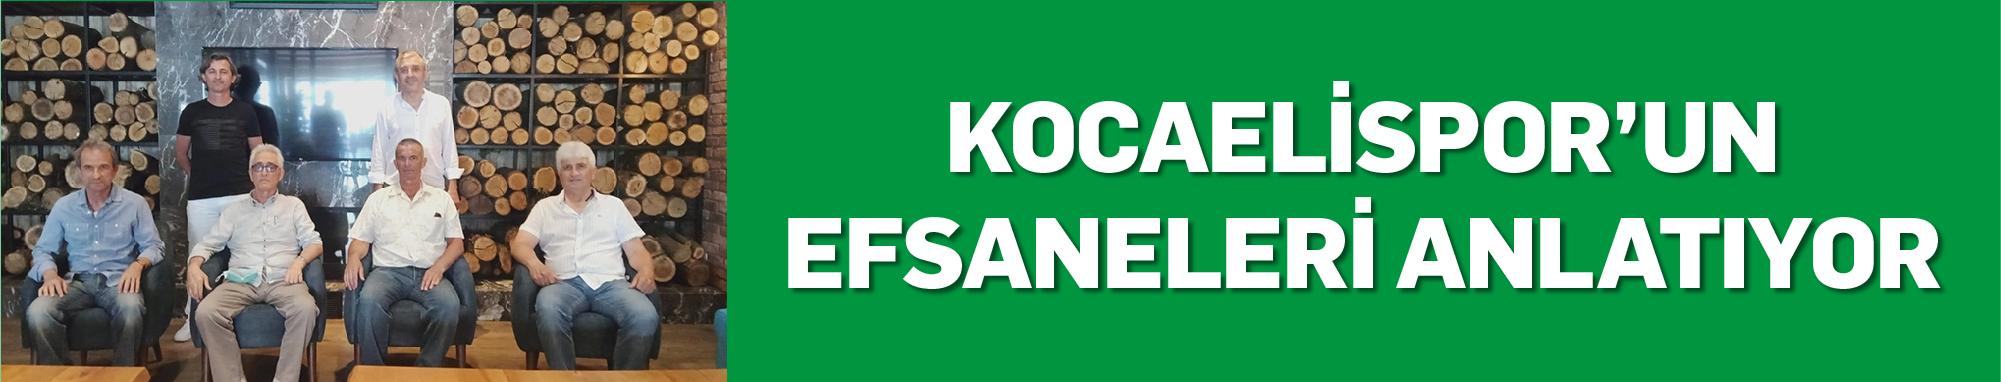 Kocaelispor'un Efsaneleri Anlatıyor